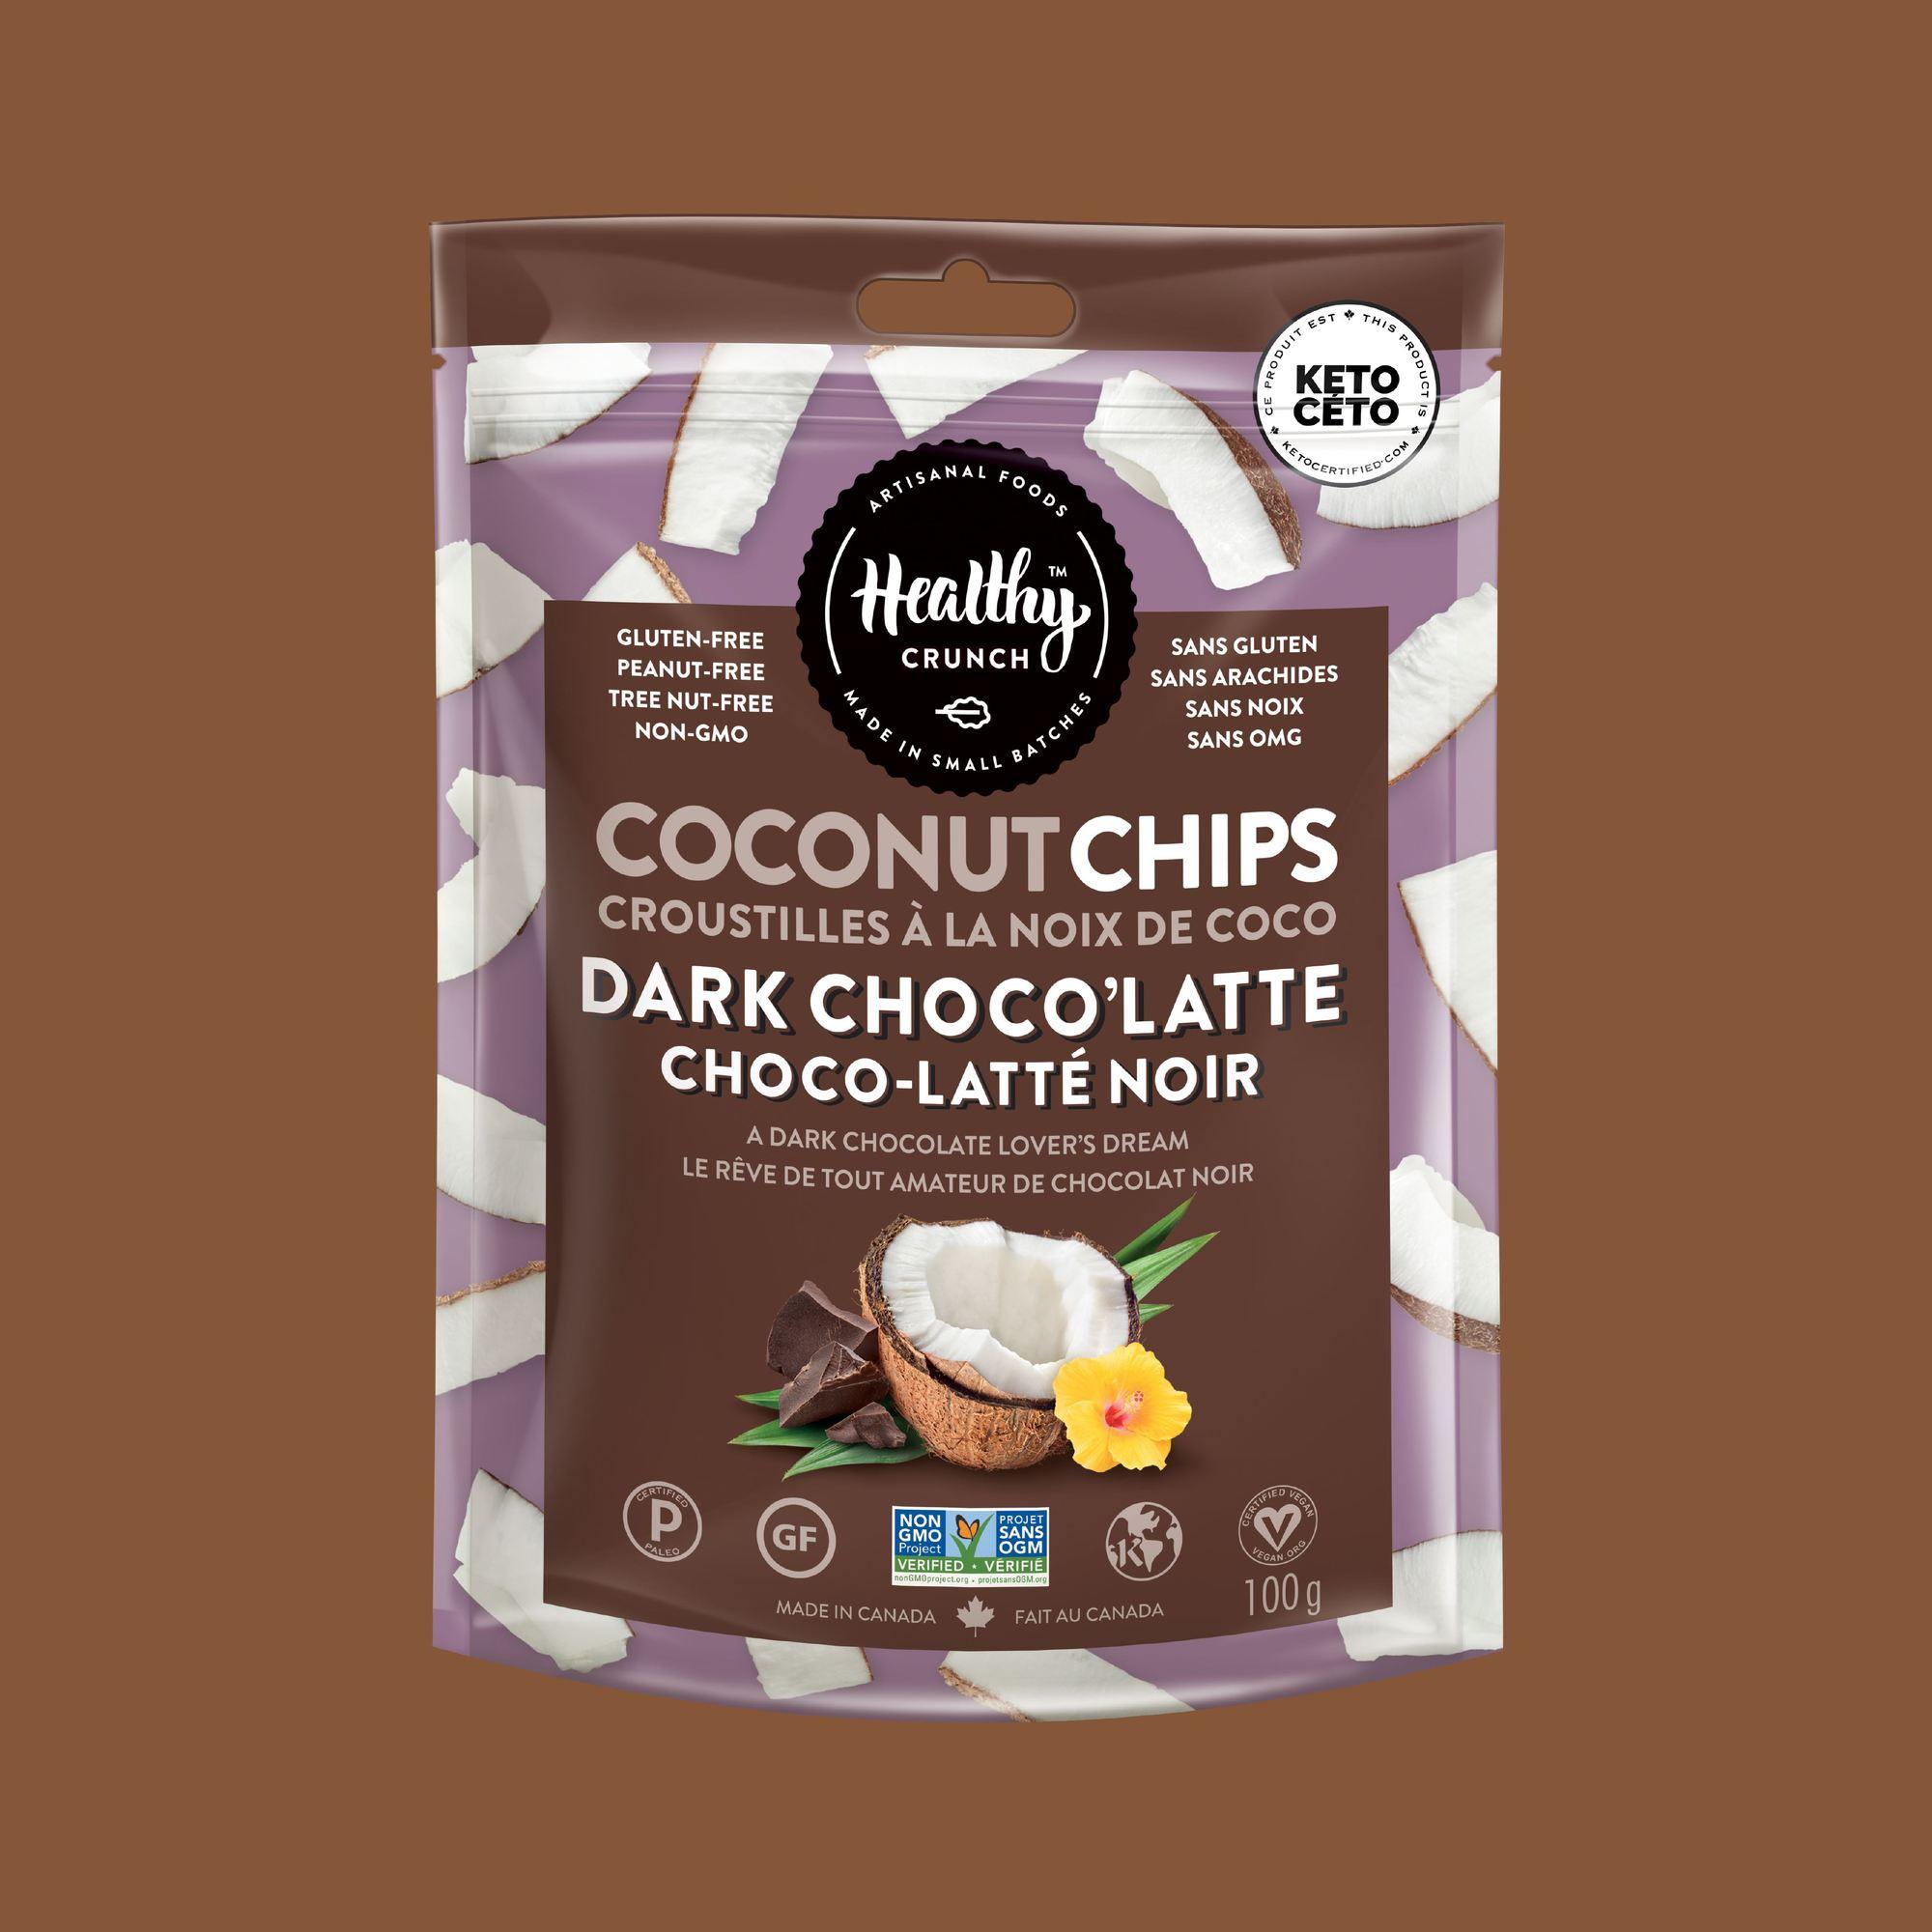 Dark Choco'Latte Coconut Chips